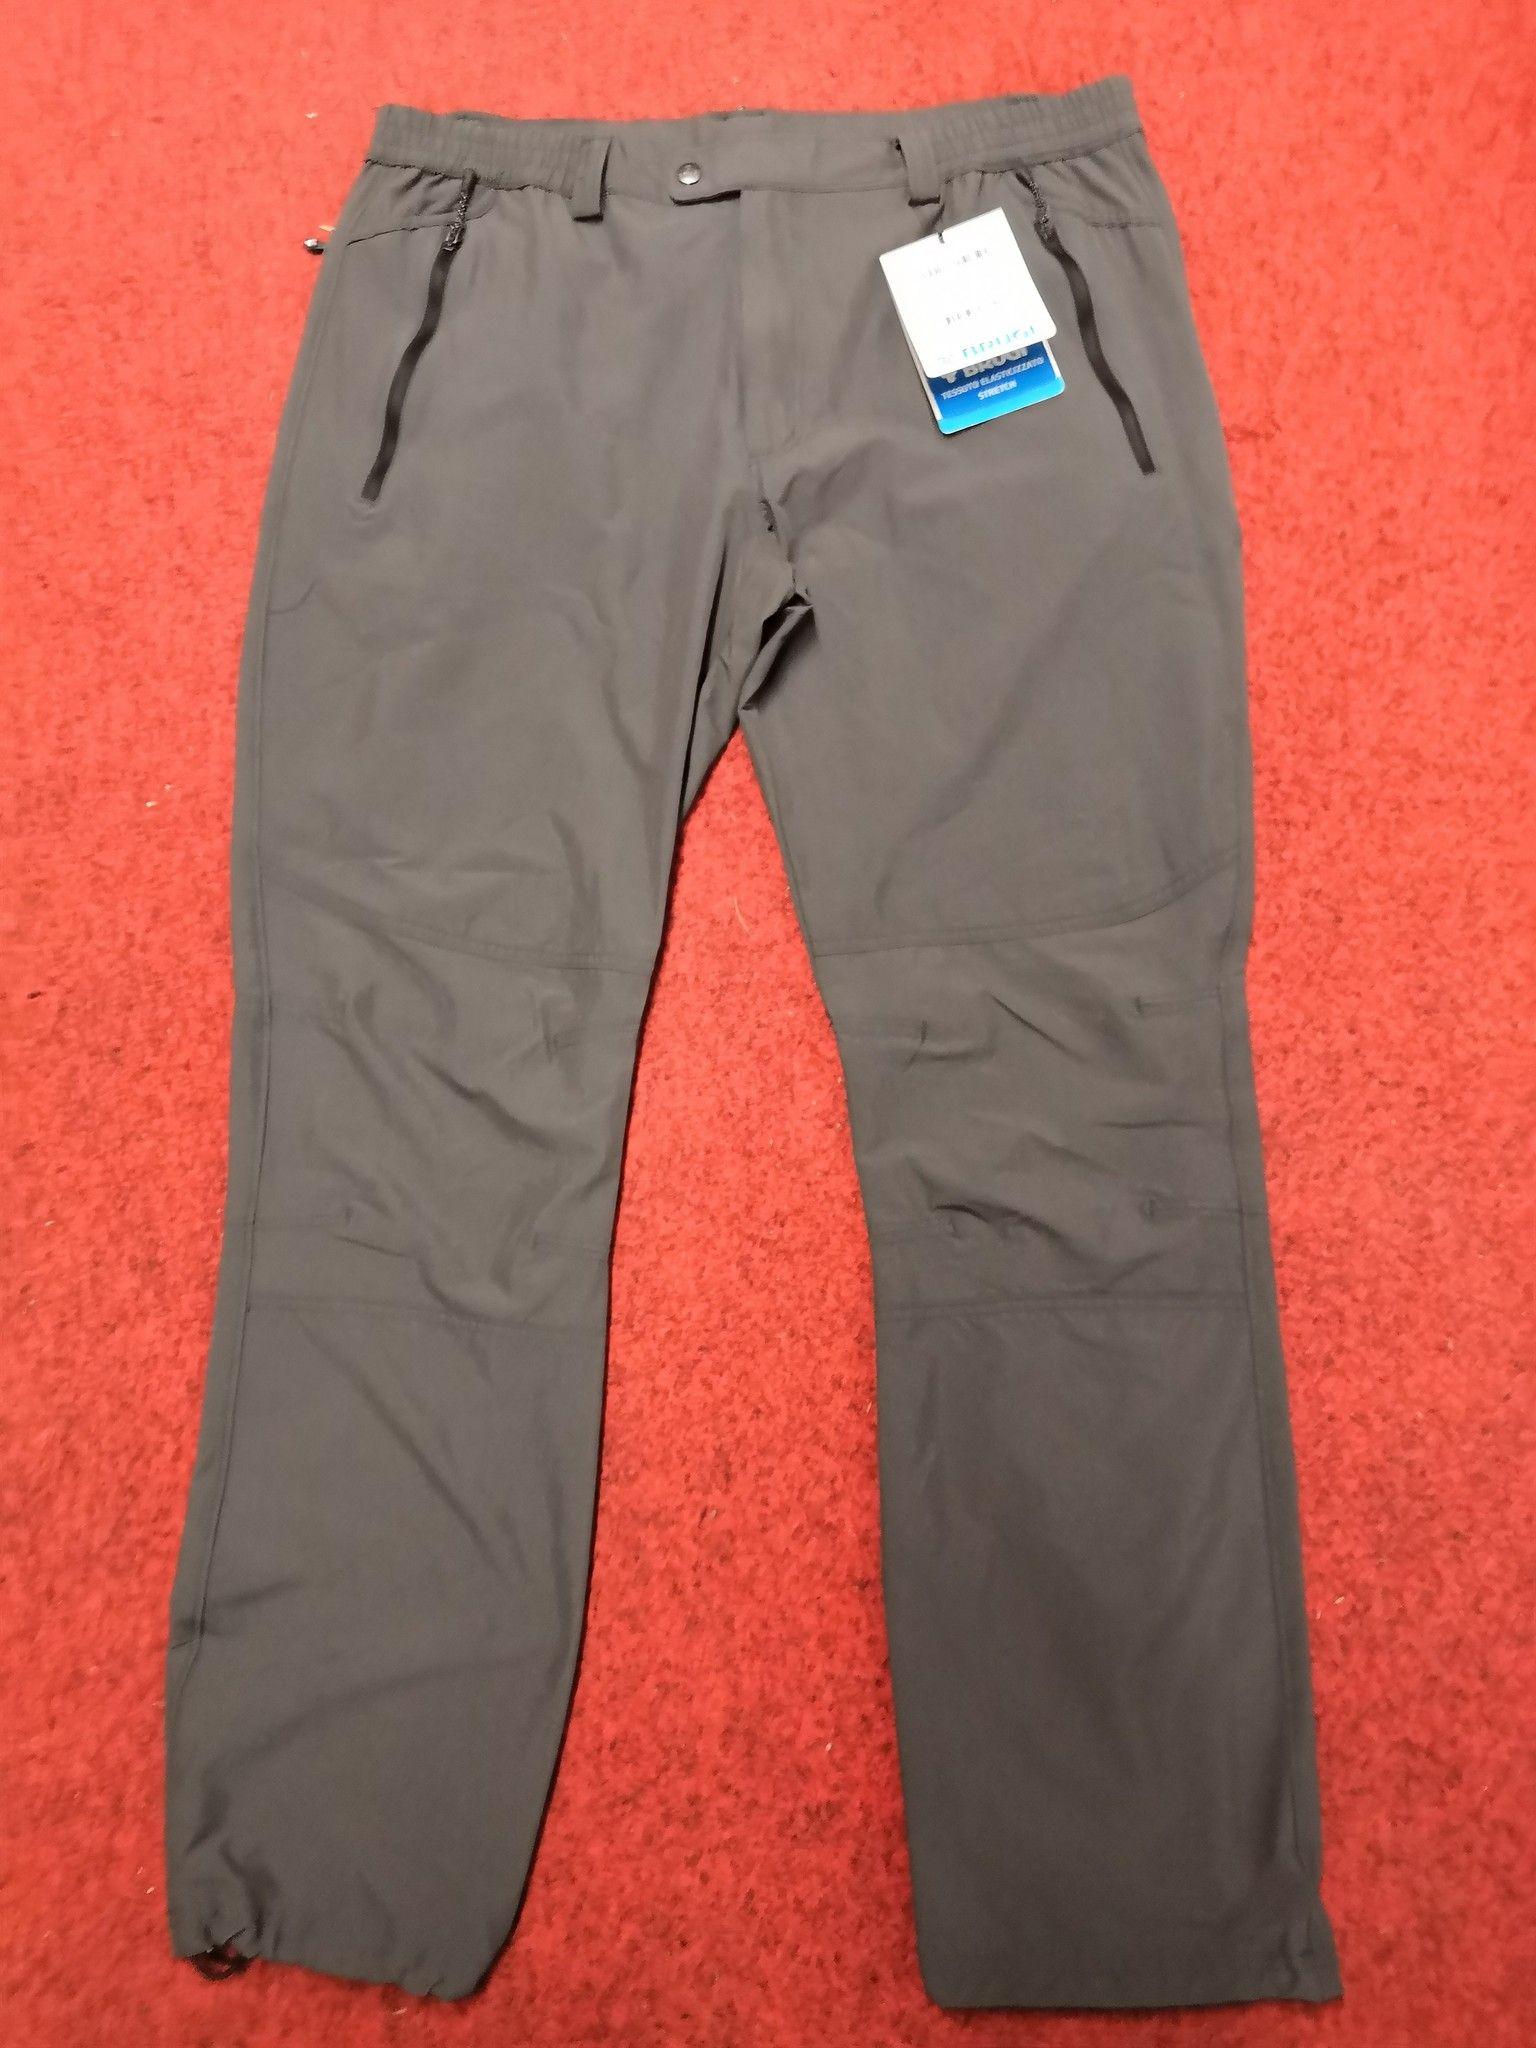 fc9eb5fc39 PANTALONI UOMO OUTDOOR BRUGI | Abbigliamento Uomo Pantaloni | Shop Online:  Forchini di tutto di più